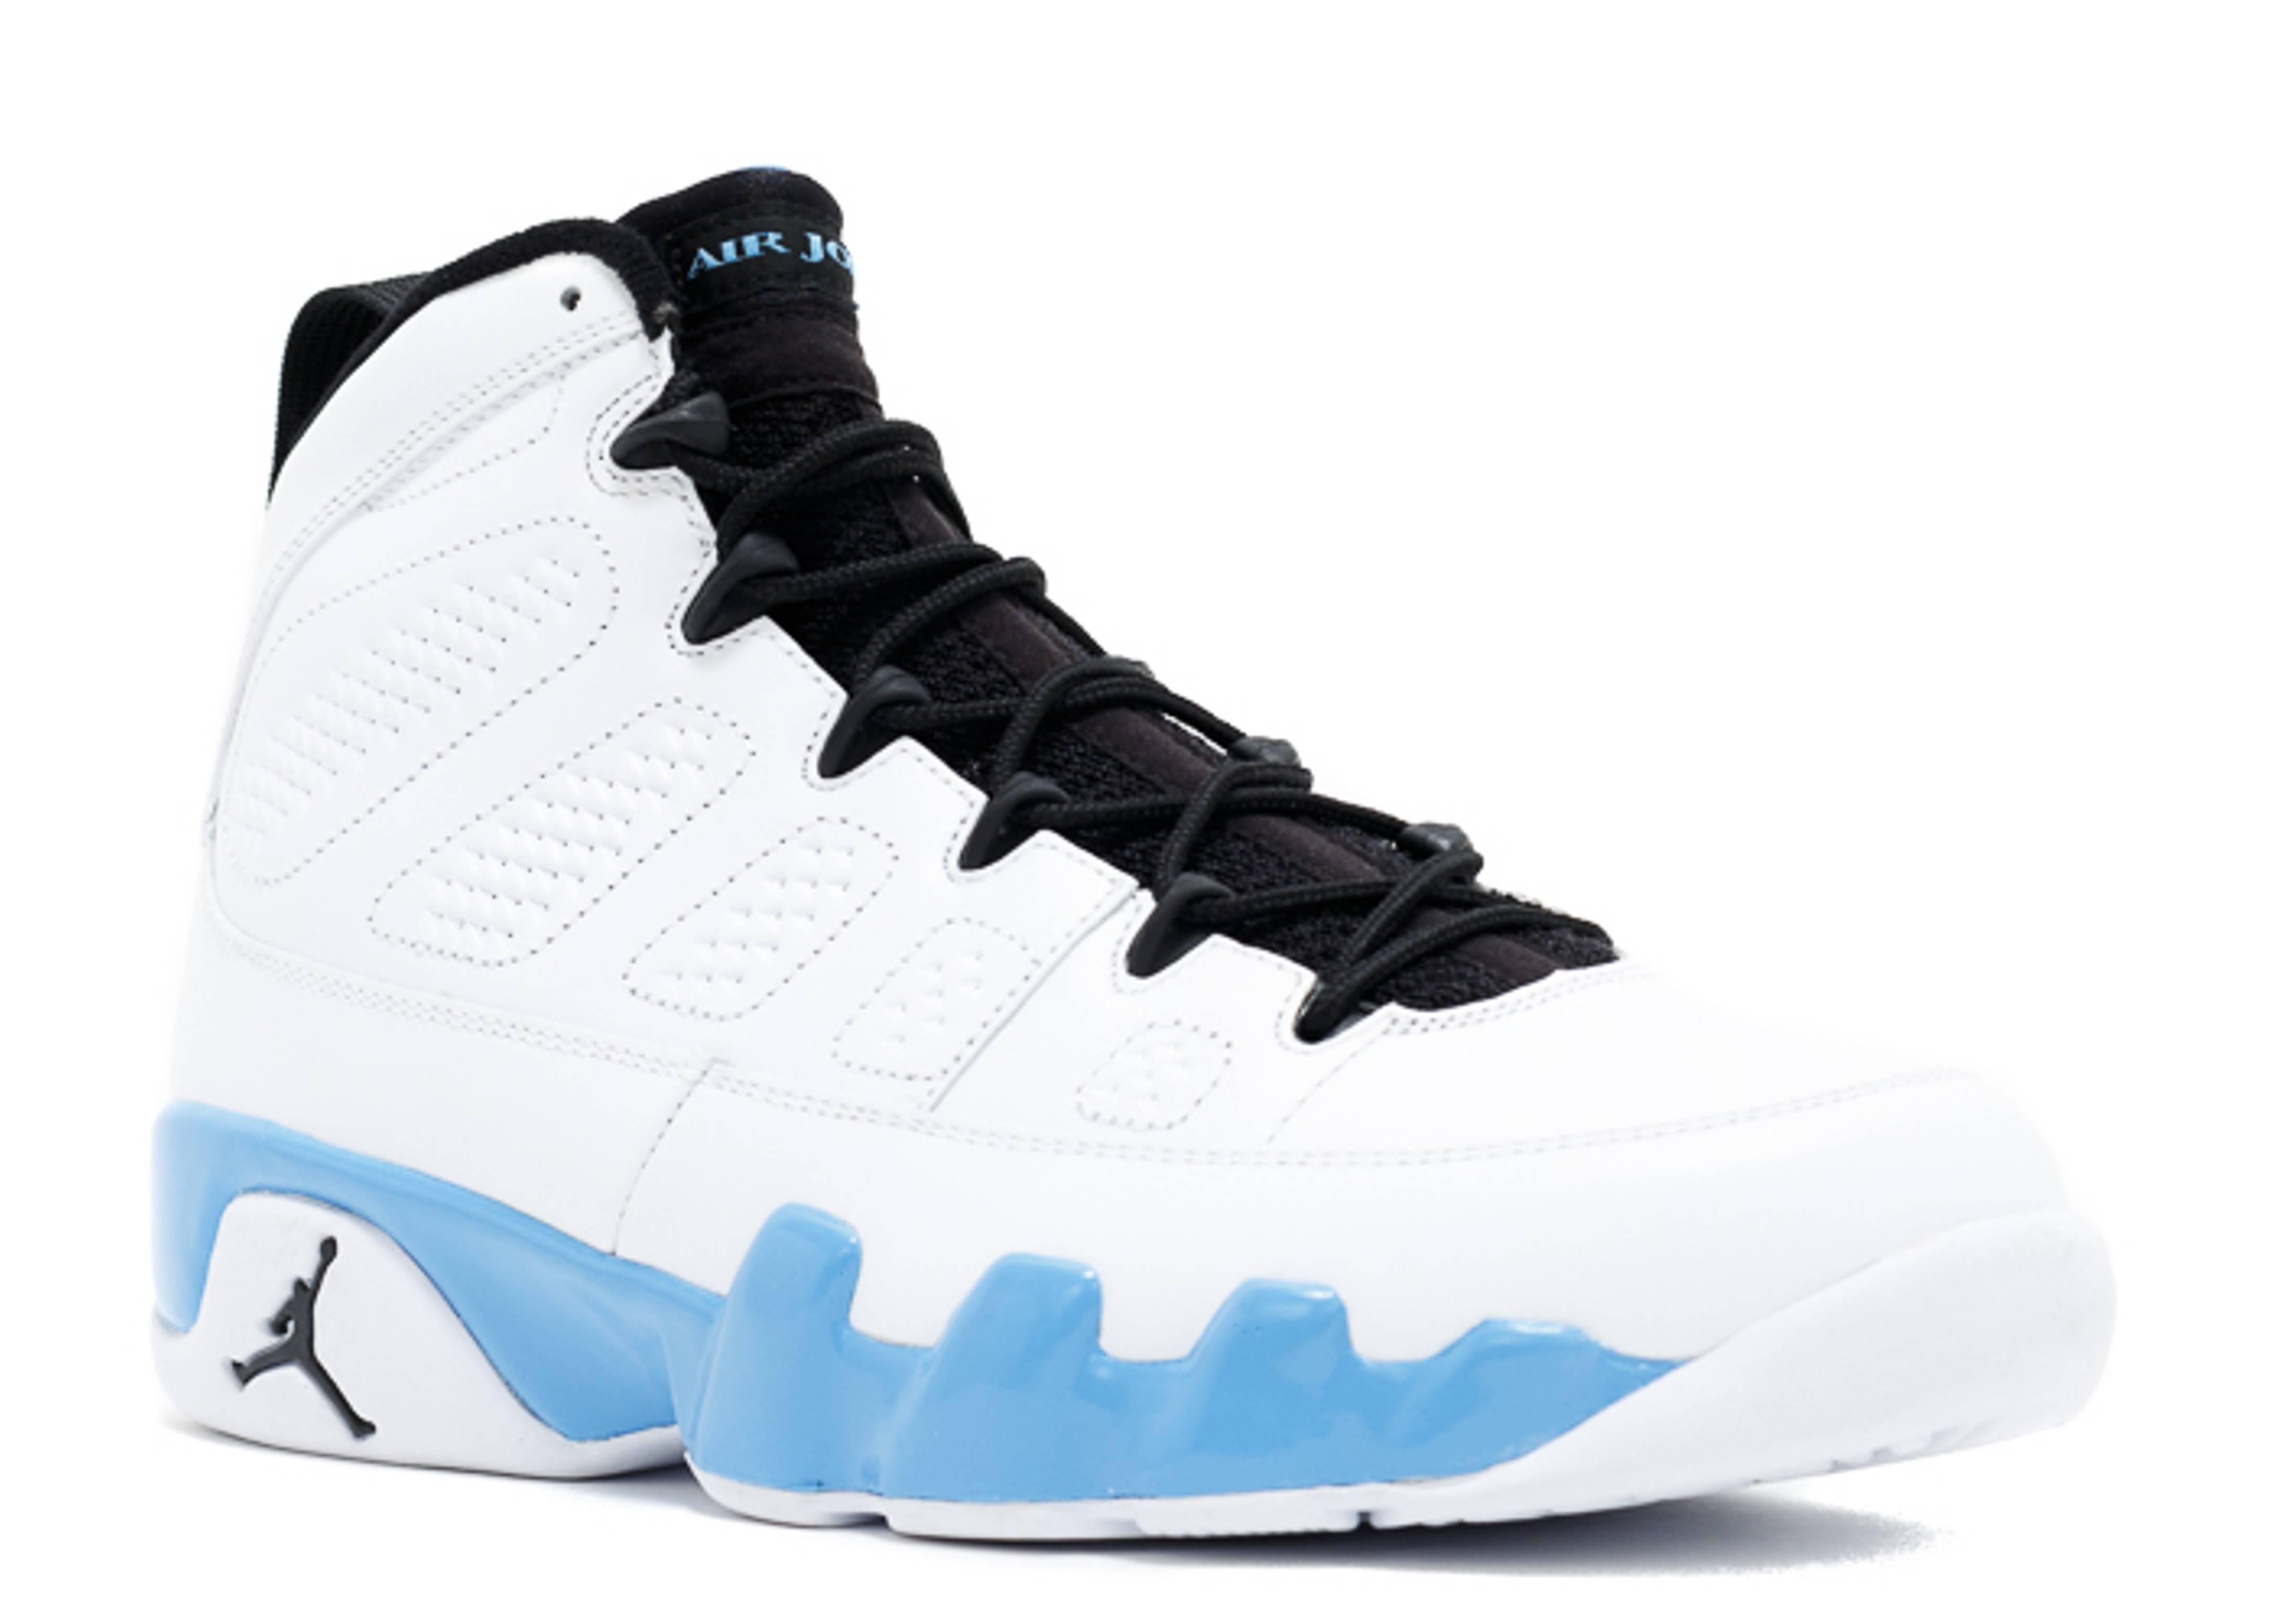 f949fd2e58dde8 cheap jordan 9 white blue